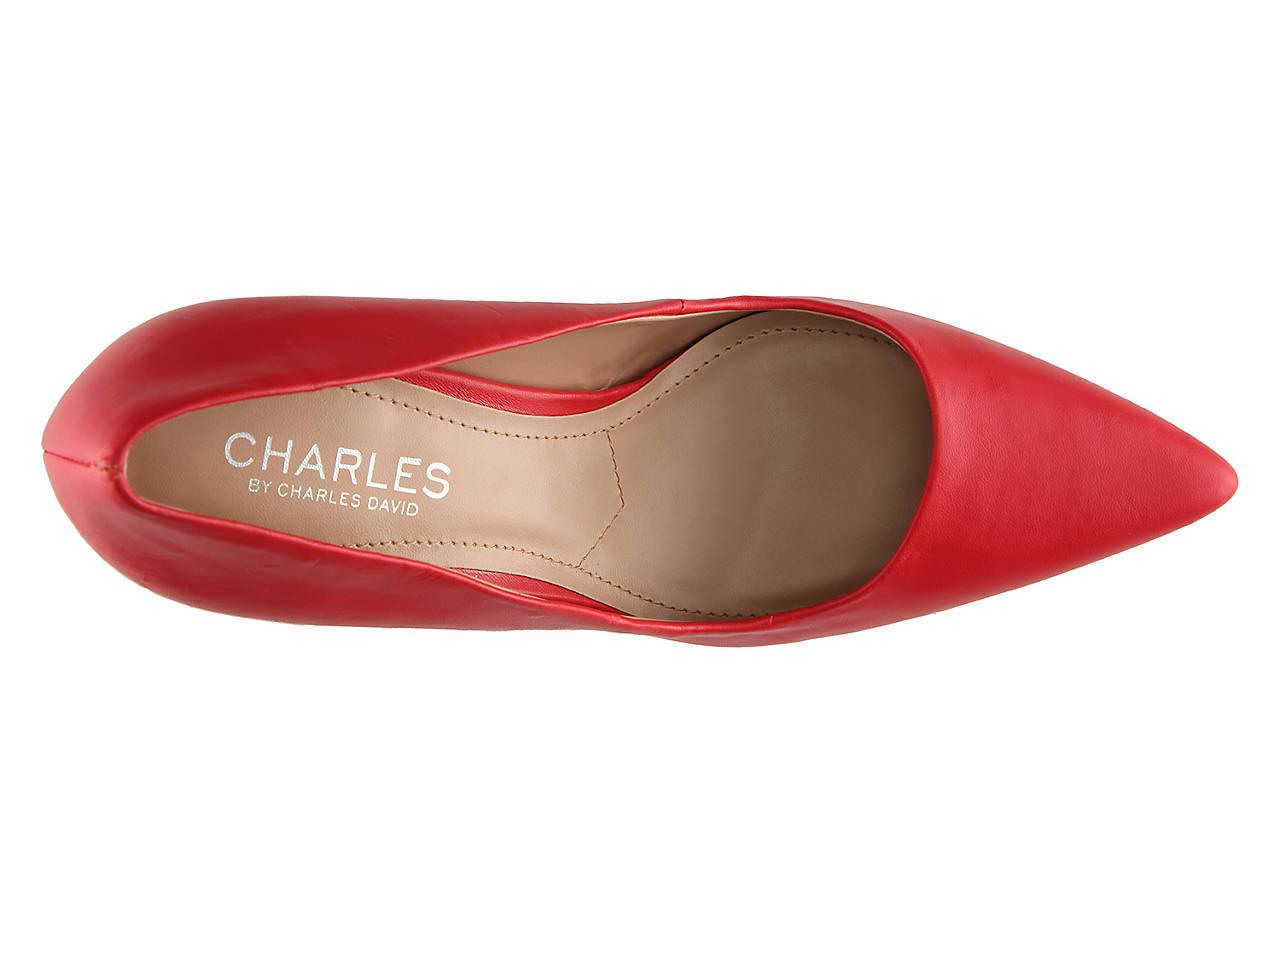 298689100eee Charles by Charles David Sweetness Pump Women s Shoes